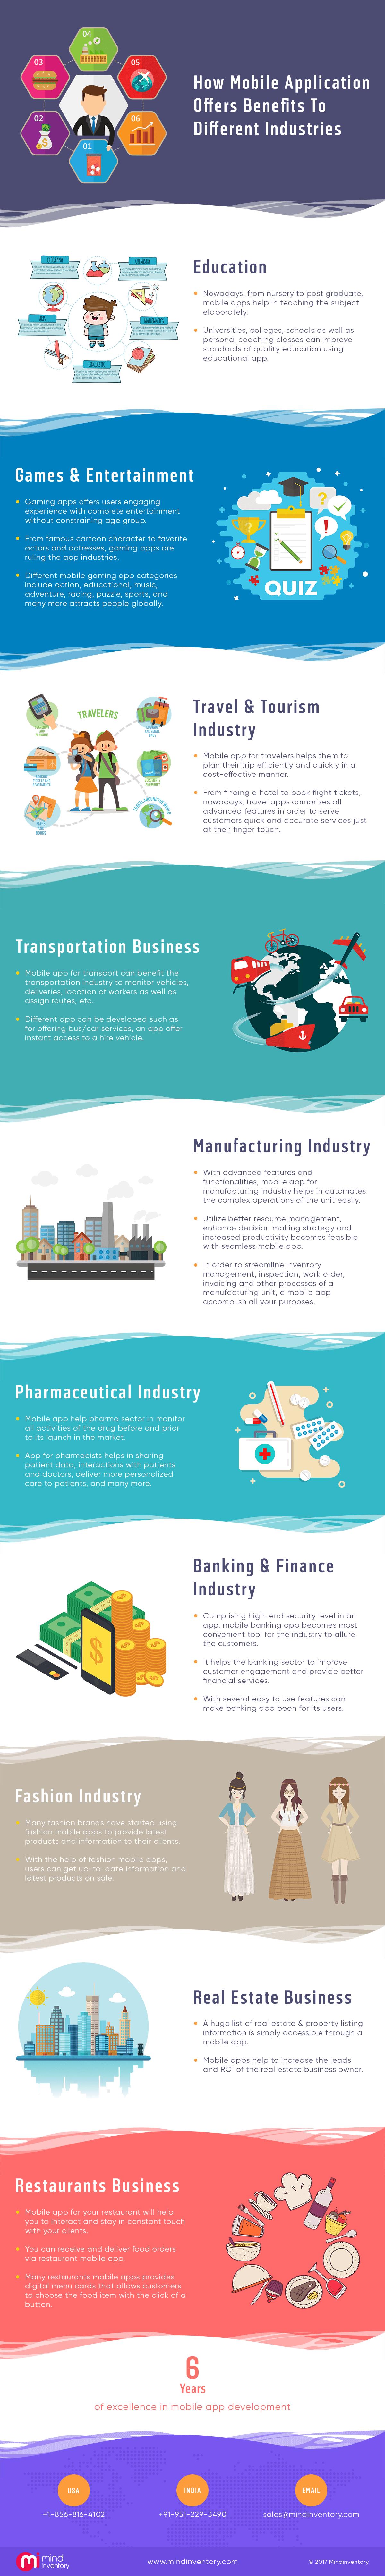 Infografía: Cómo las apps benefician a diferentes industrias